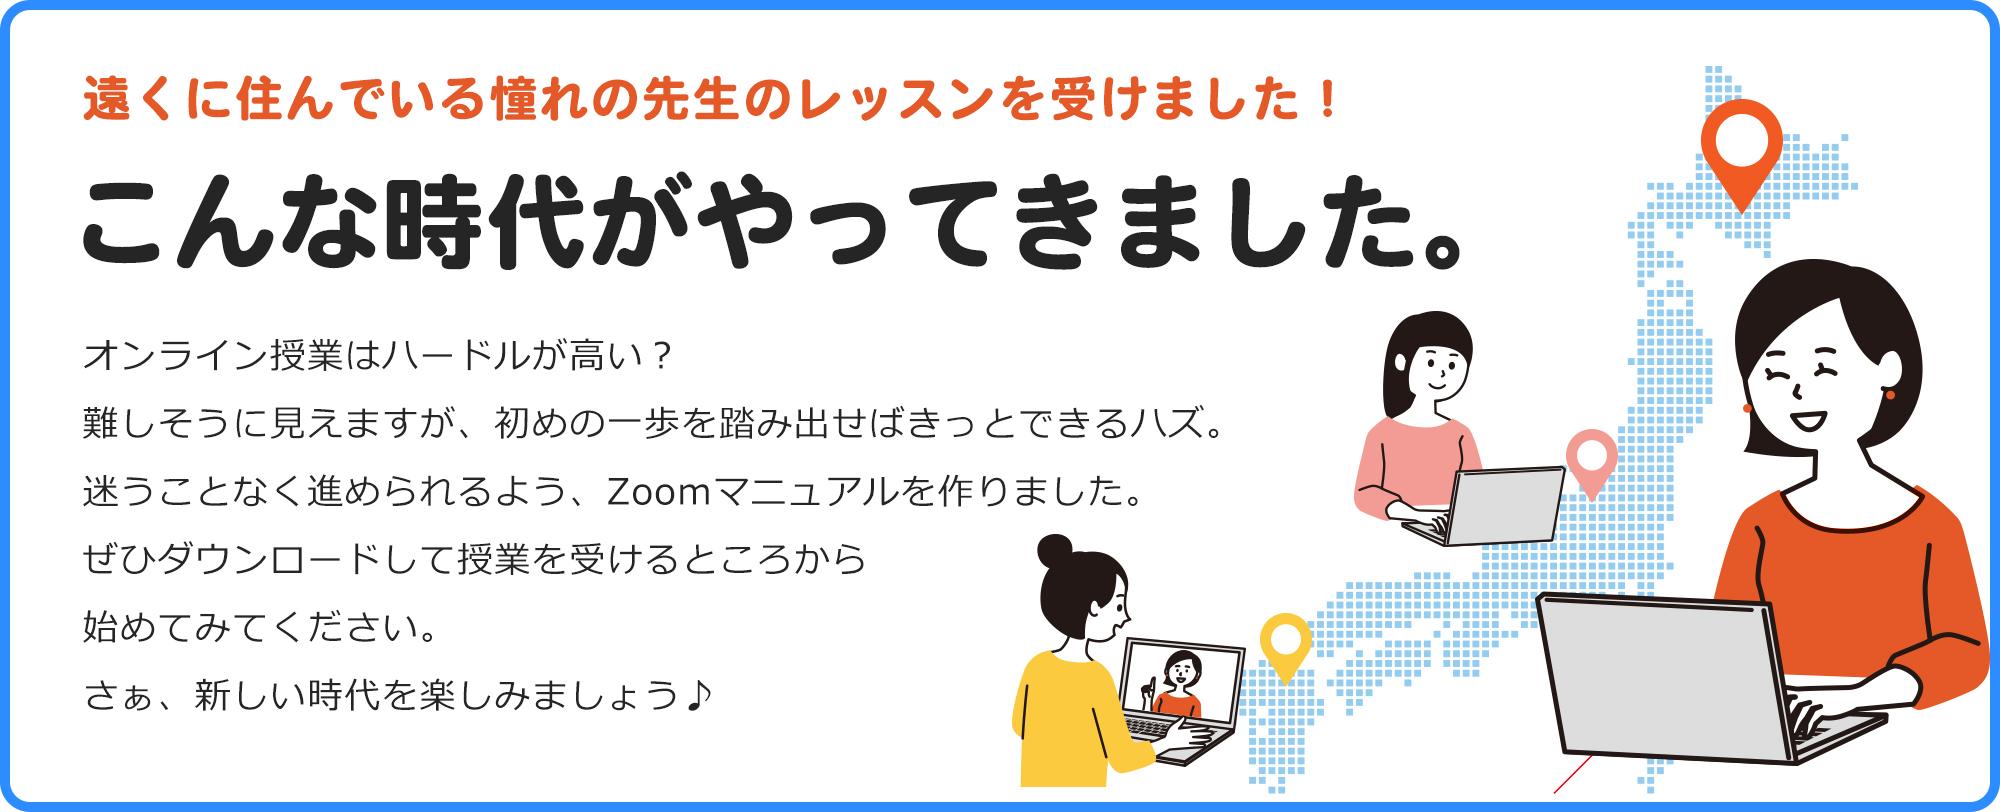 マニュアル Zoom 【無料配布】はじめてのZoomマニュアル|こんちゃん|note